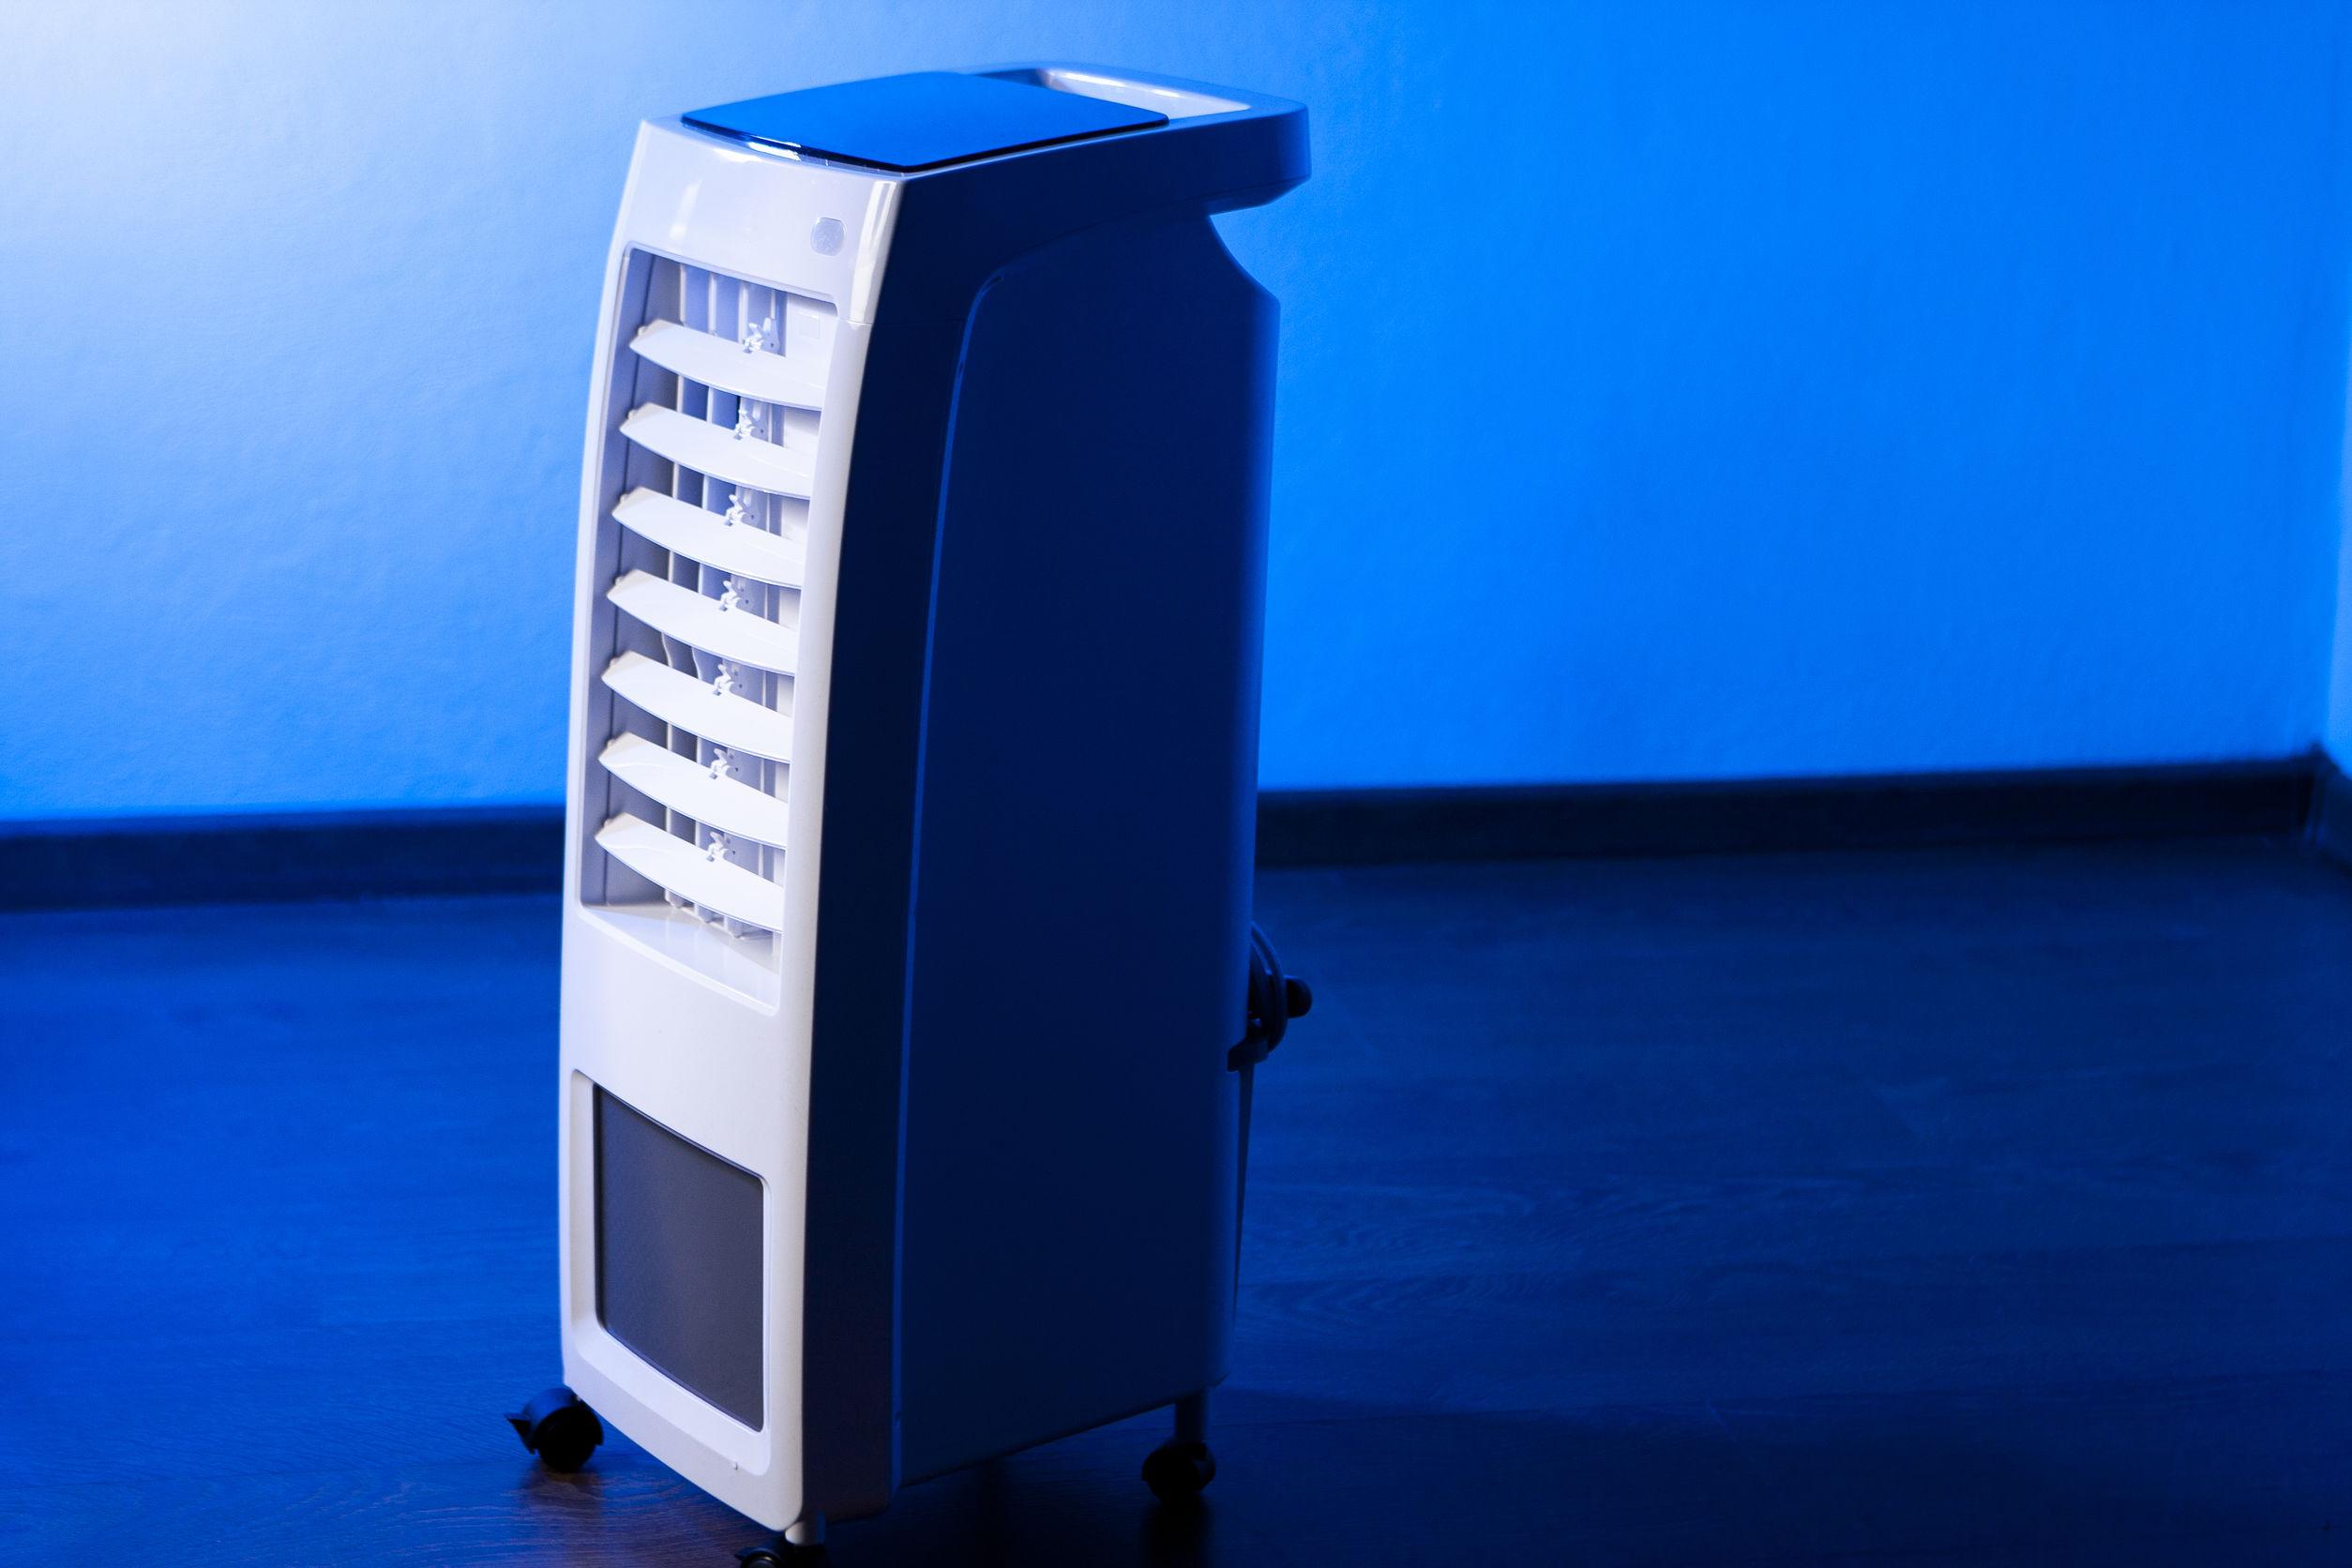 climatizador de ar em ambiente com luz azul de fundo